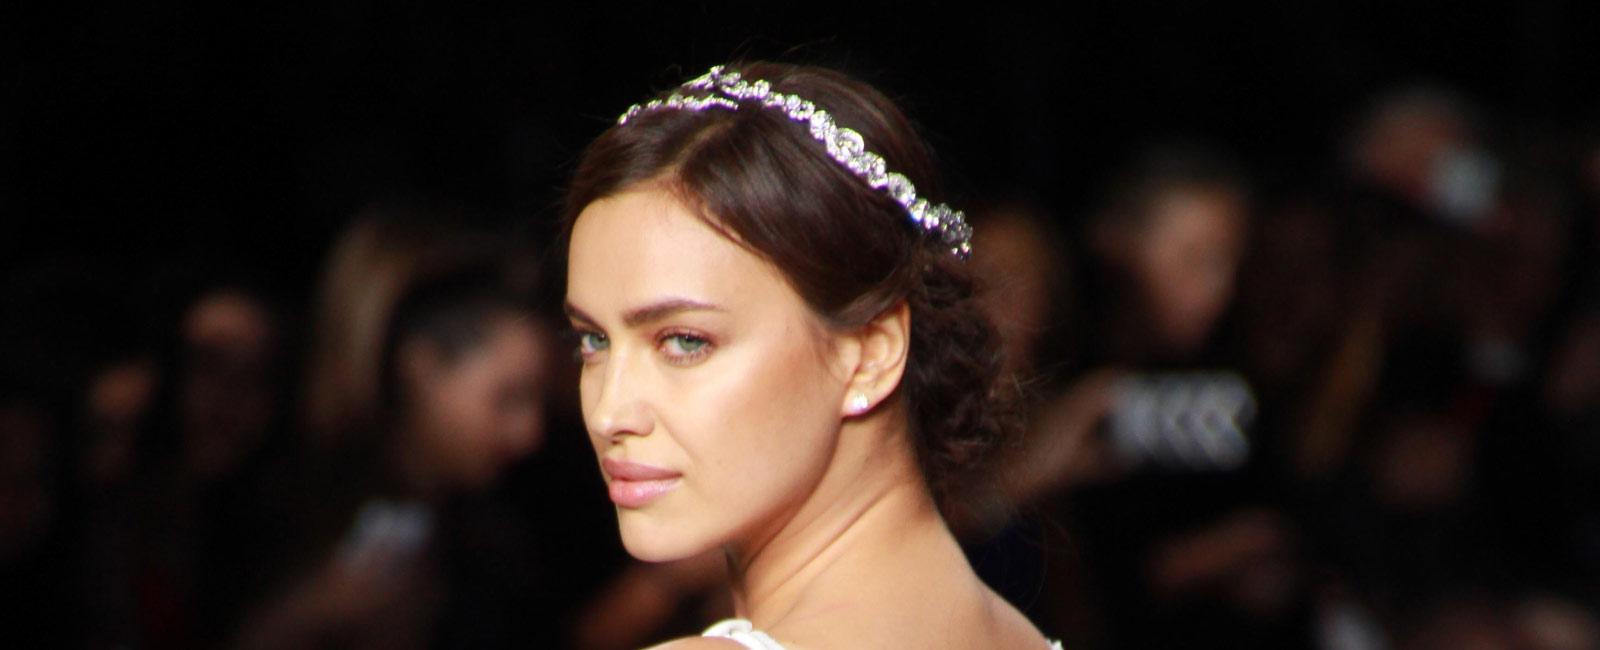 Irina Shayk, protagonista de la nueva colección de Pronovias